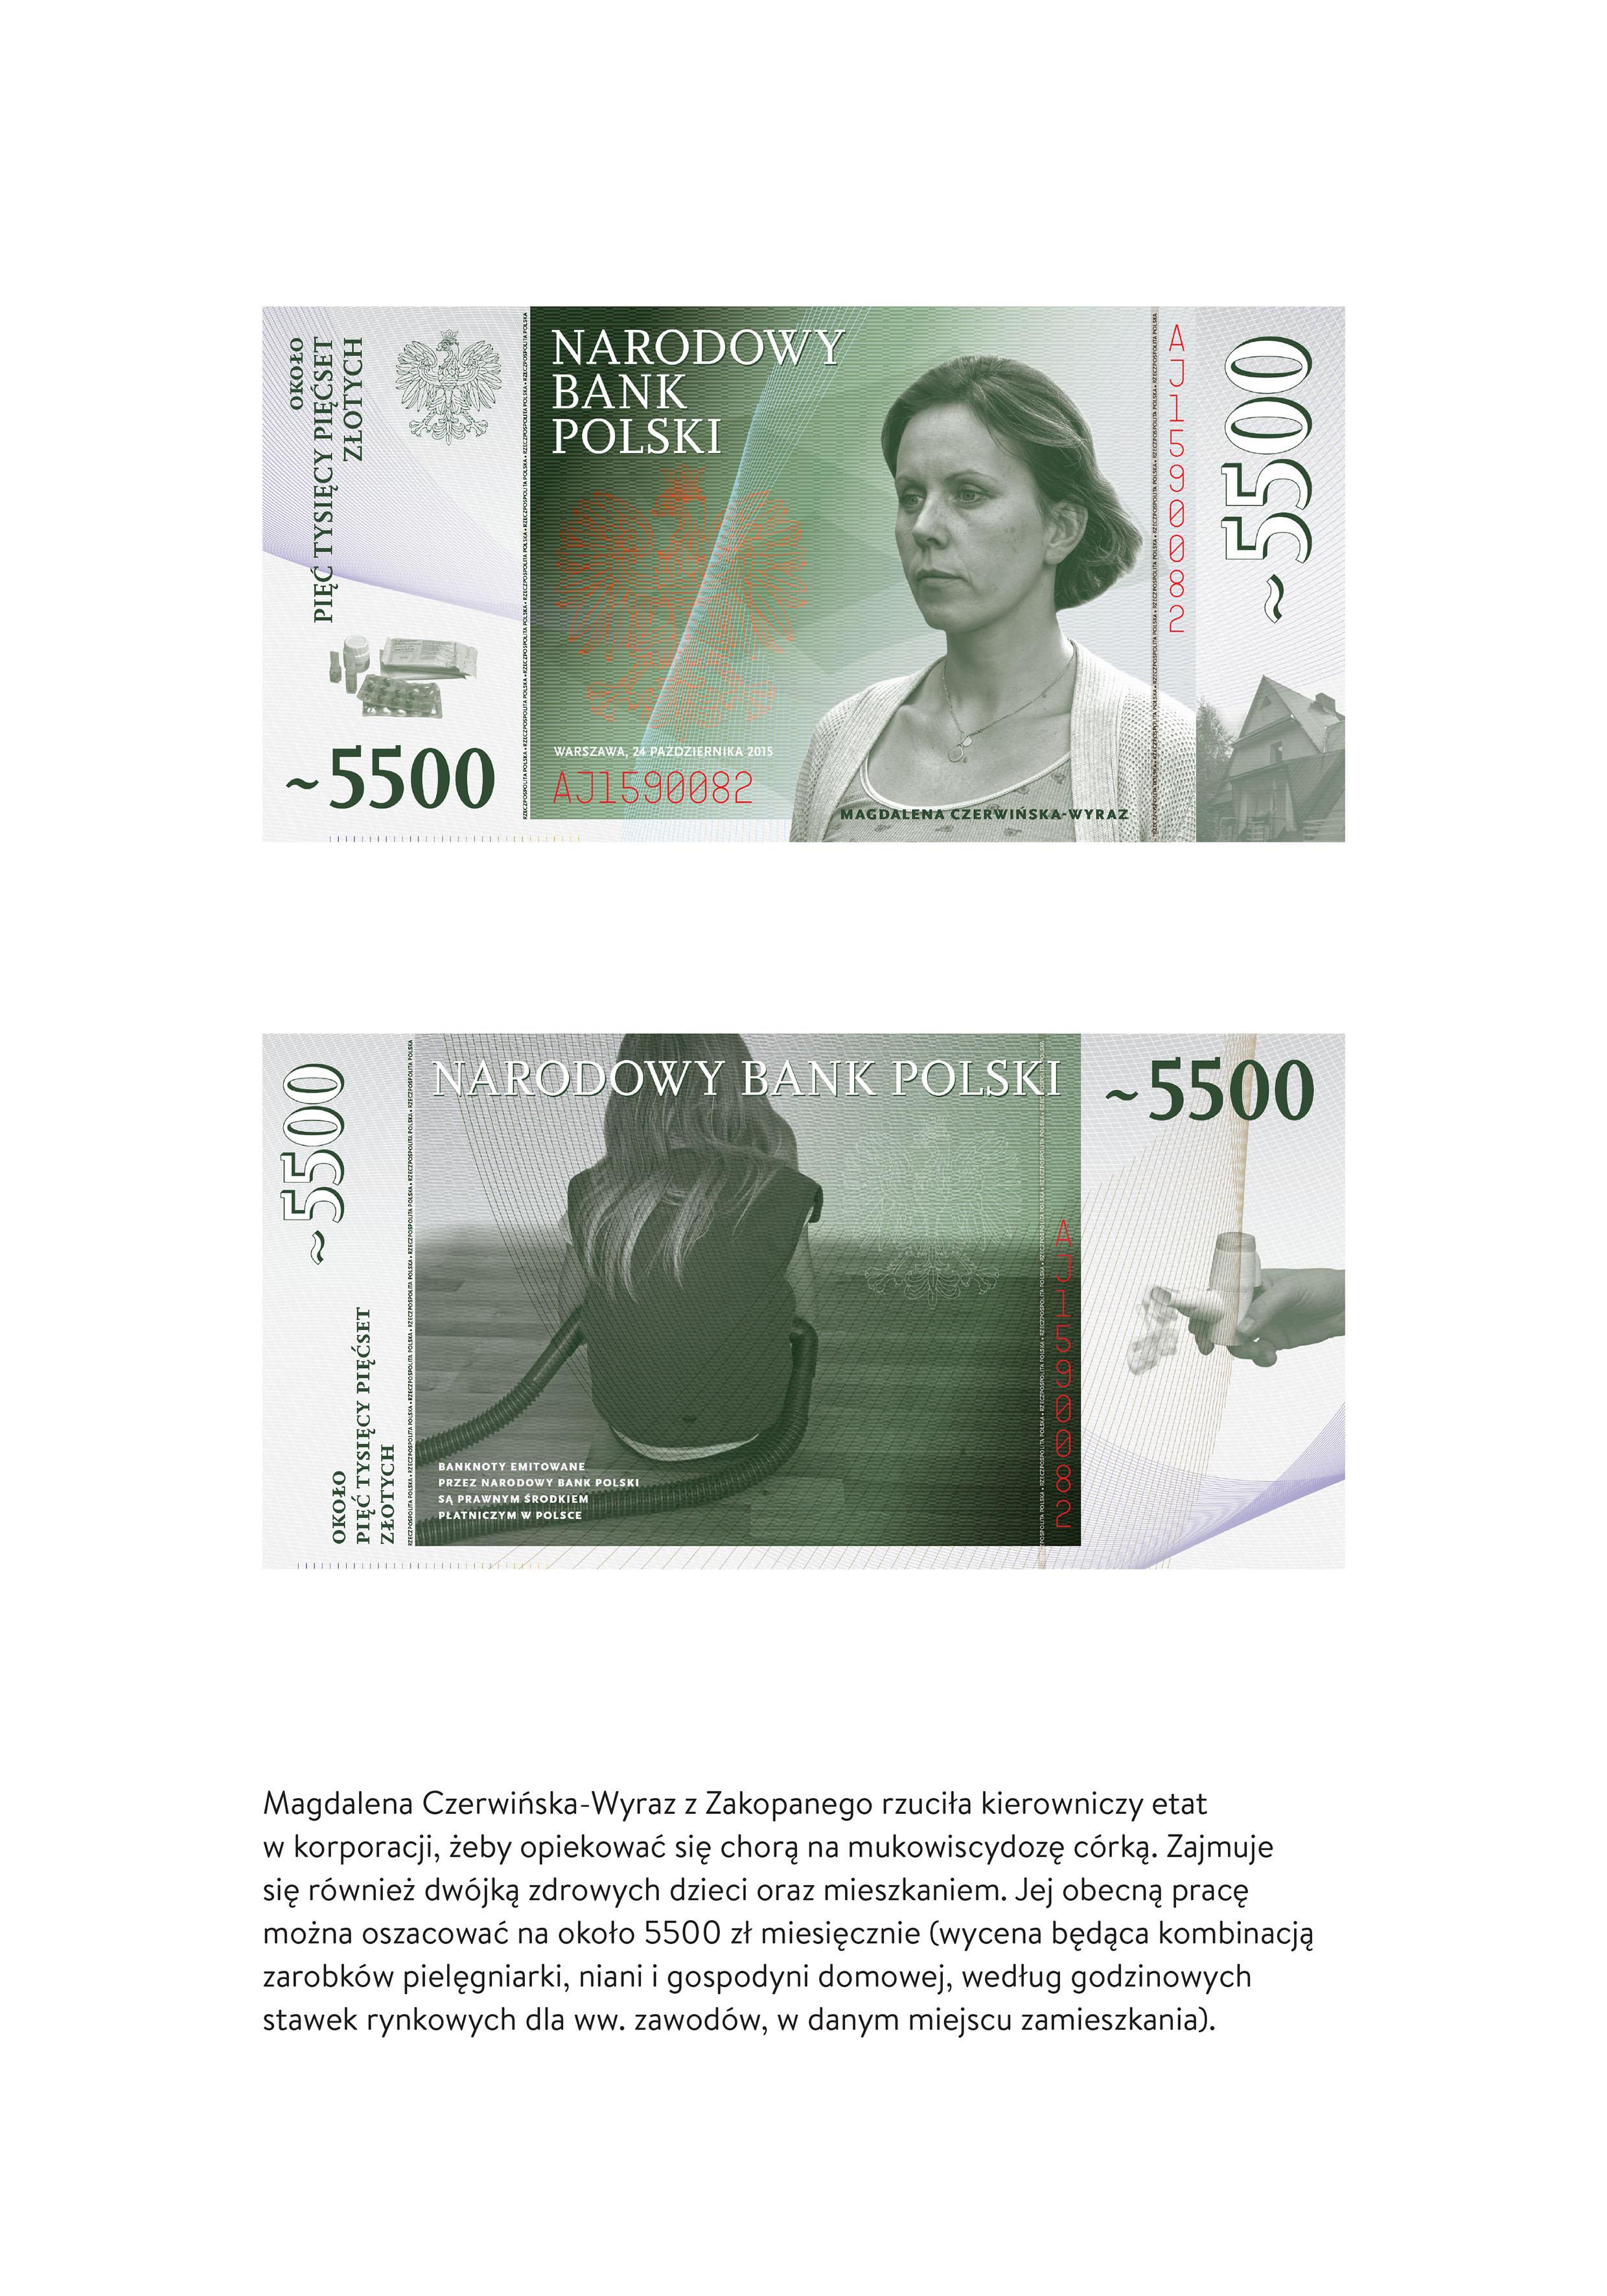 Daniel Rumiancew, Prototypy banknotów, 2015 (fragment) 5 grafik, tekst 30x22 cm Dzięki uprzejmości artysty.